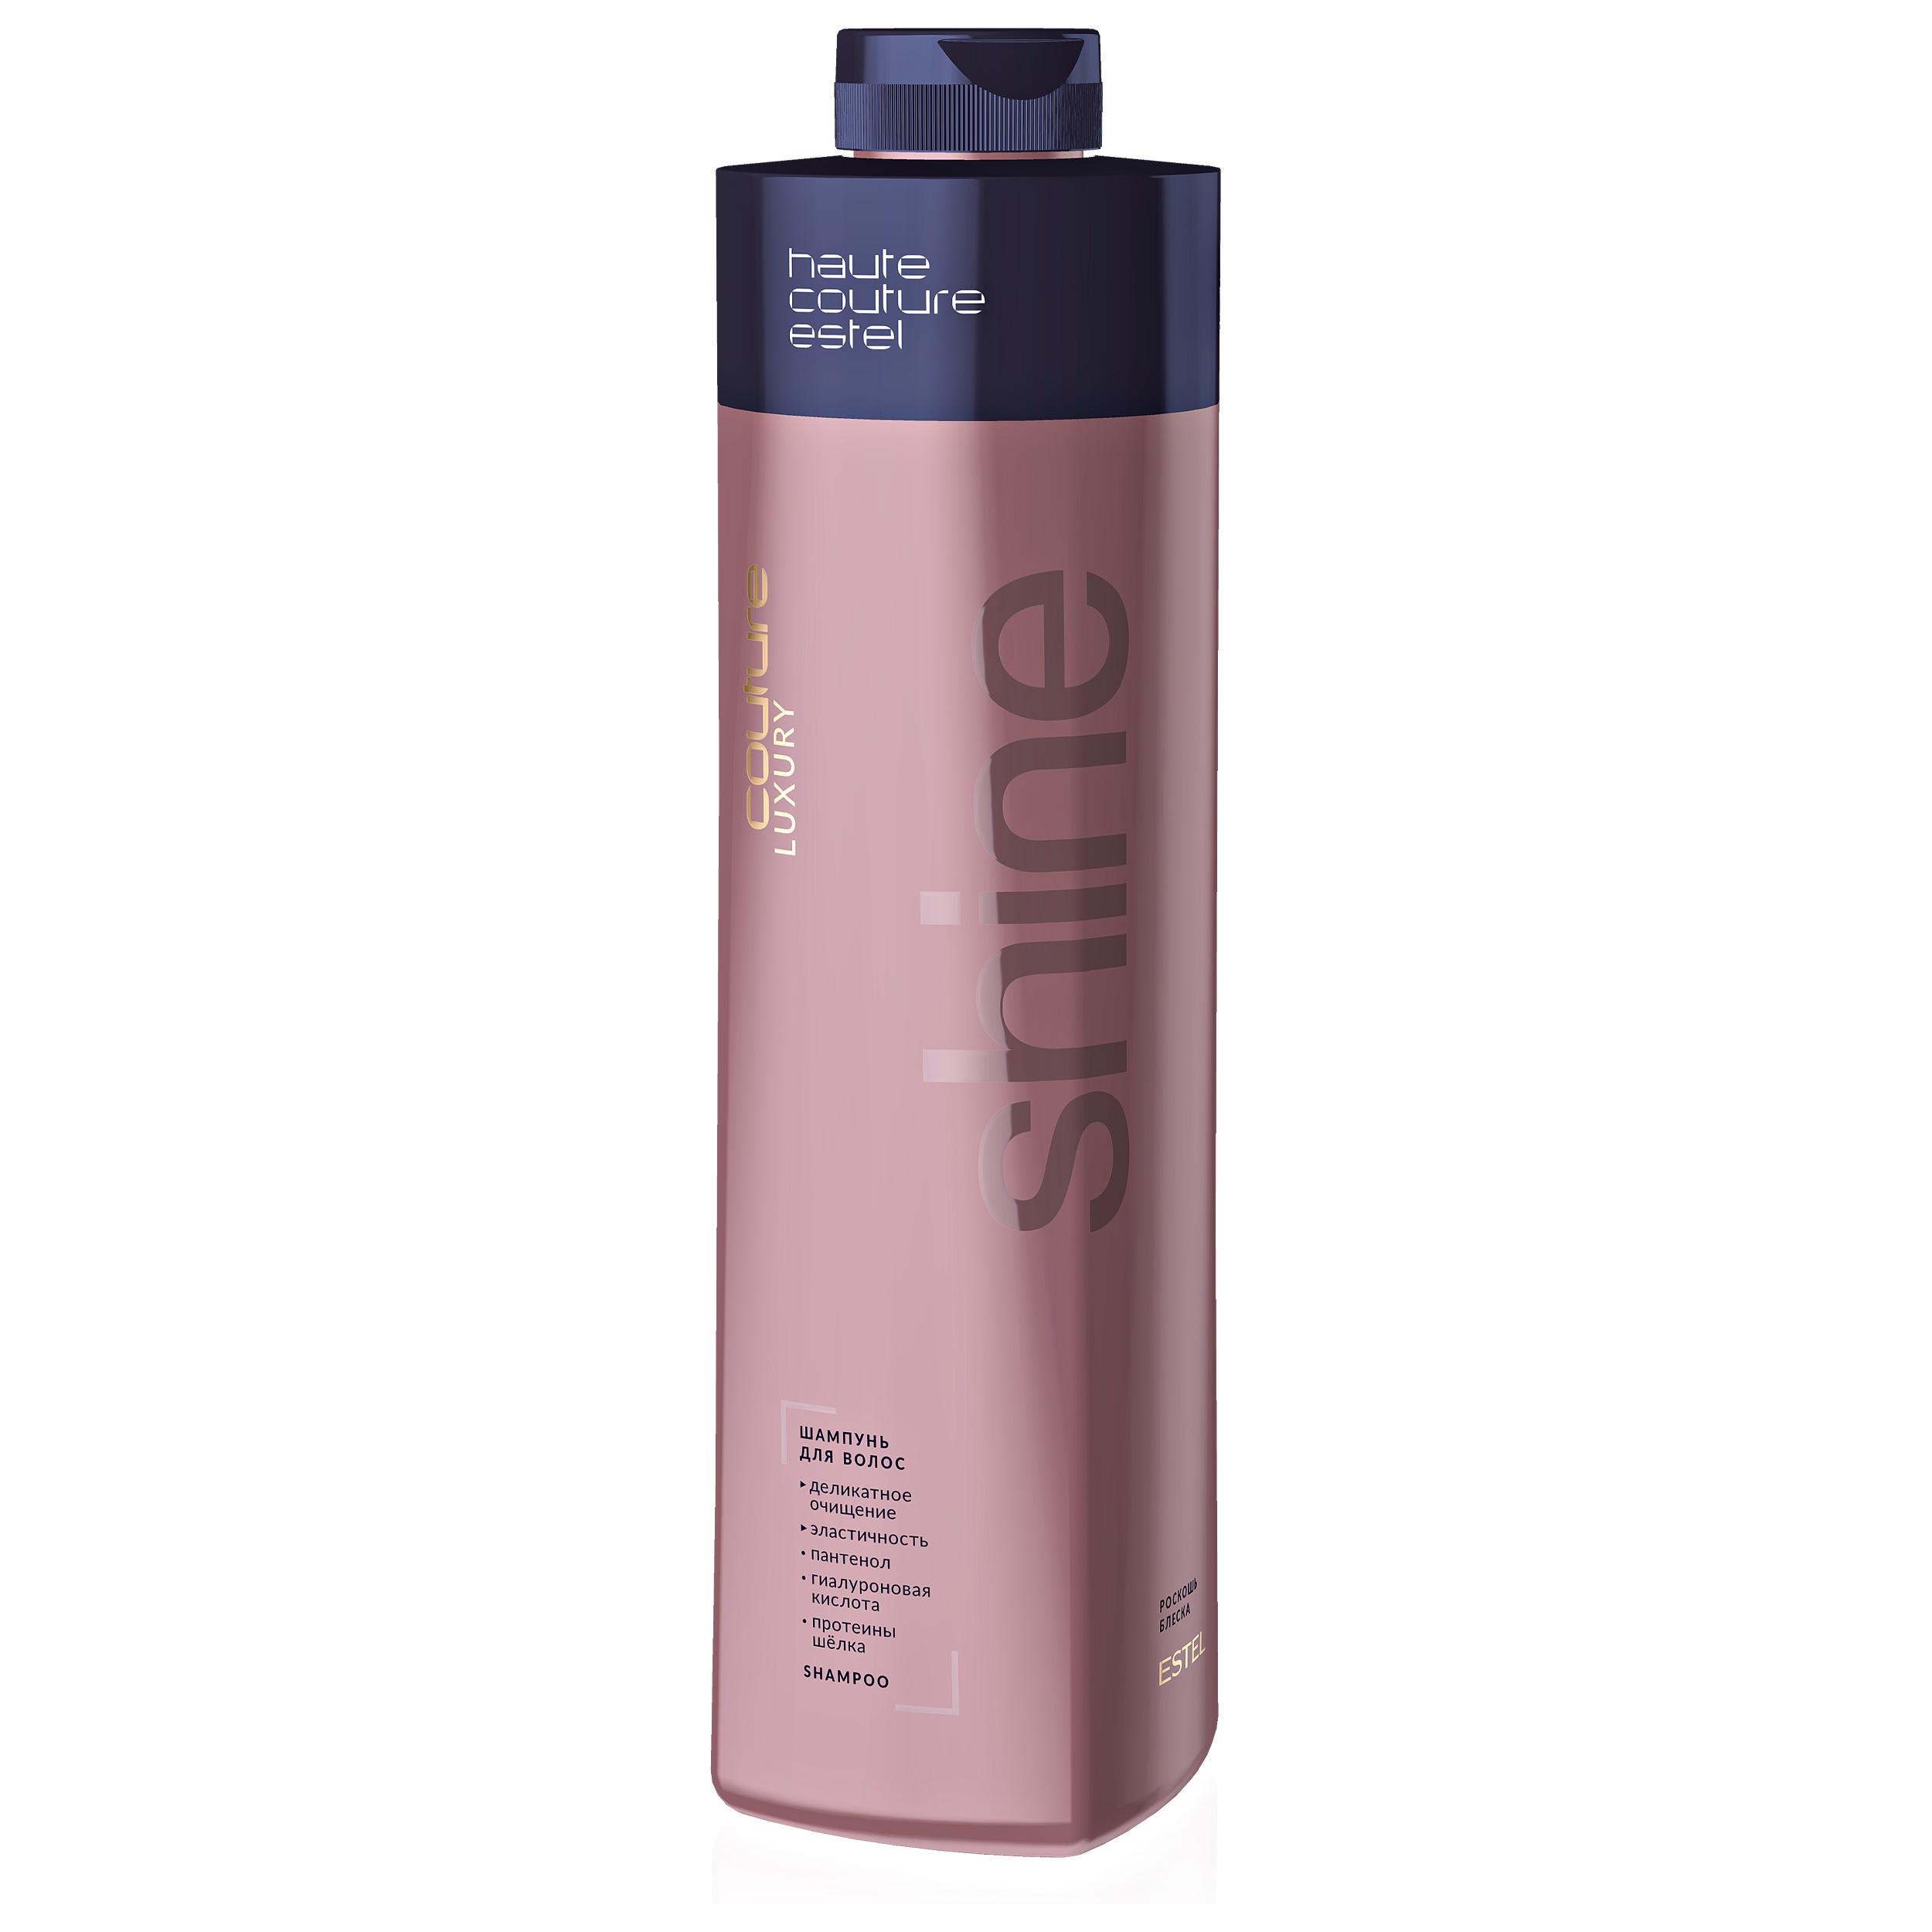 Купить Estel Шампунь для волос Luxury Shine Haute Couture, 1000 мл (Estel, Luxury Shine), Россия